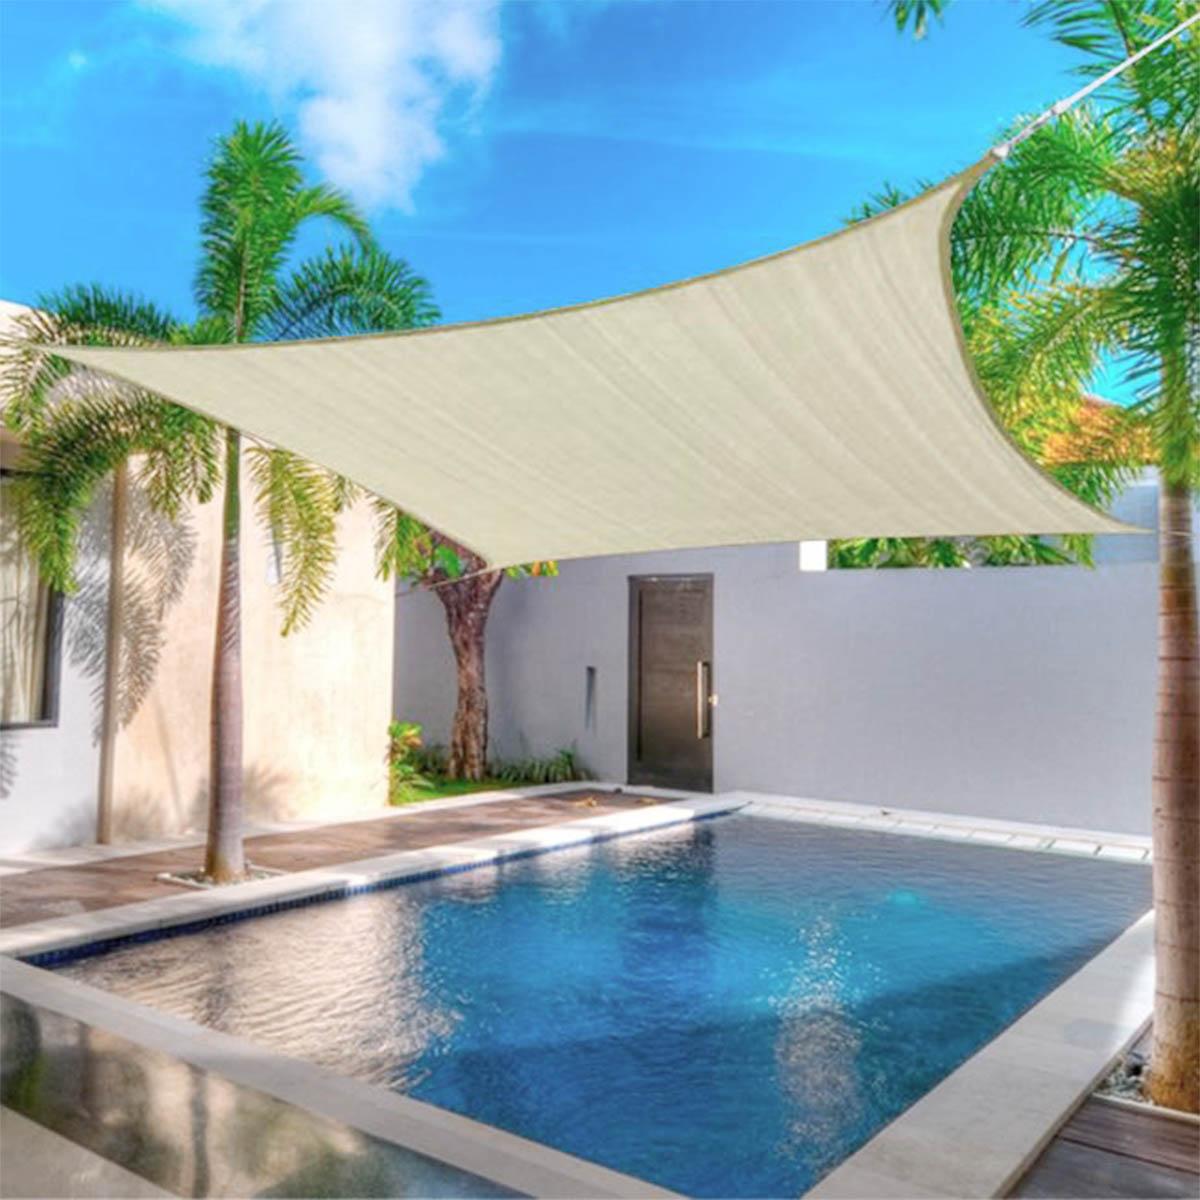 2x3 2x4 2.5x3 3x4 3x5 3x6 extérieur étanche au soleil maille filet pare-soleil voile Protection auvent parasol filet cour jardin randonnée